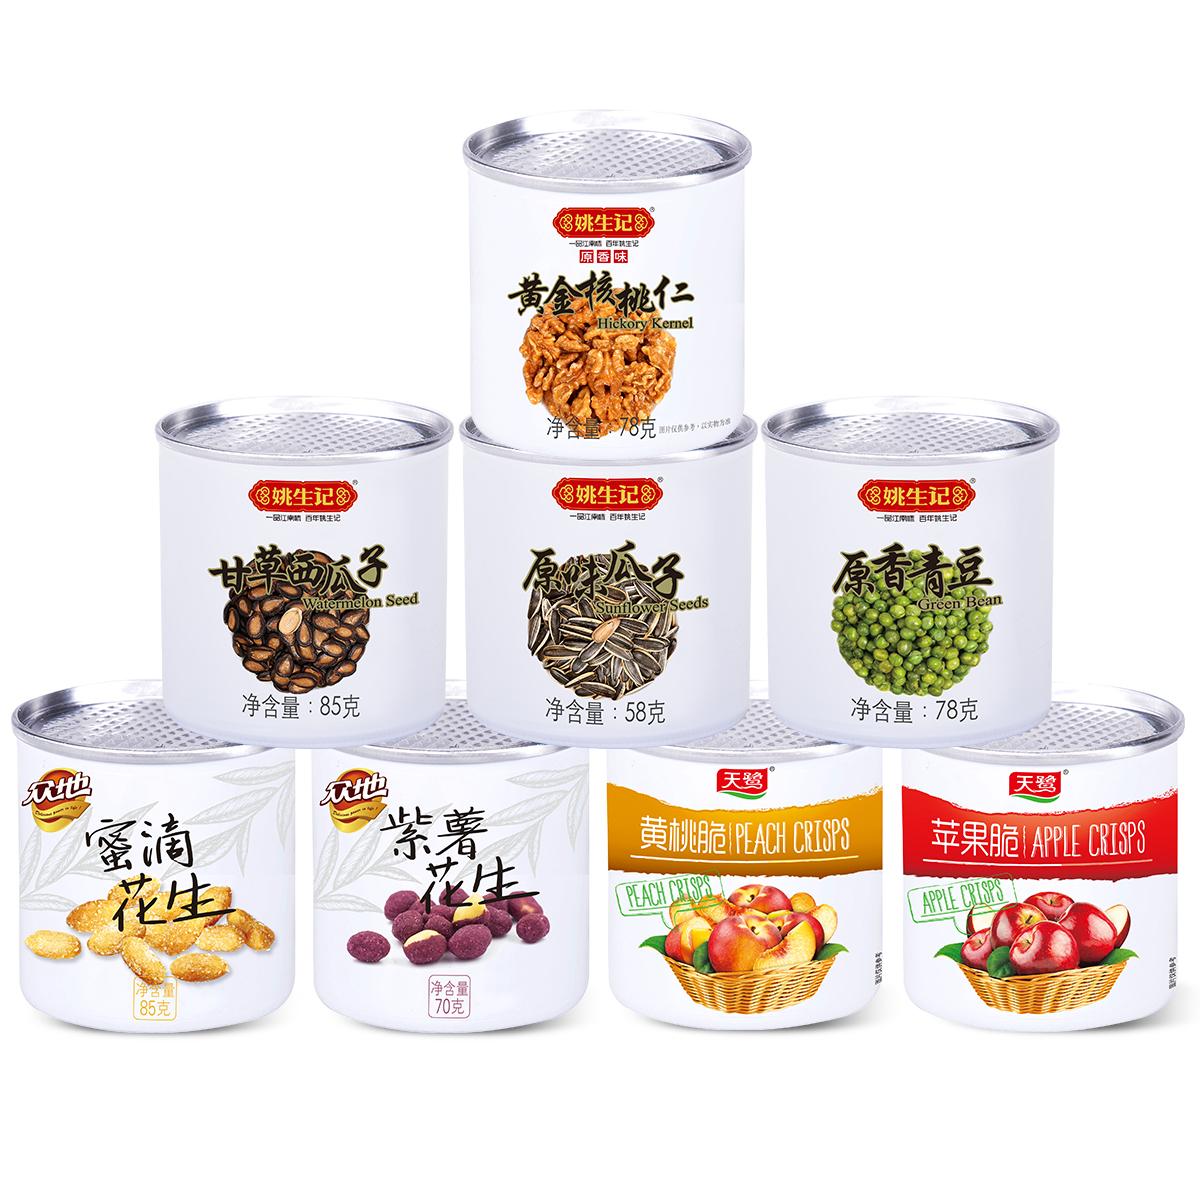 【白罐上品】五谷丰登节日大礼包9罐坚果礼盒送礼(送4罐黄桃)